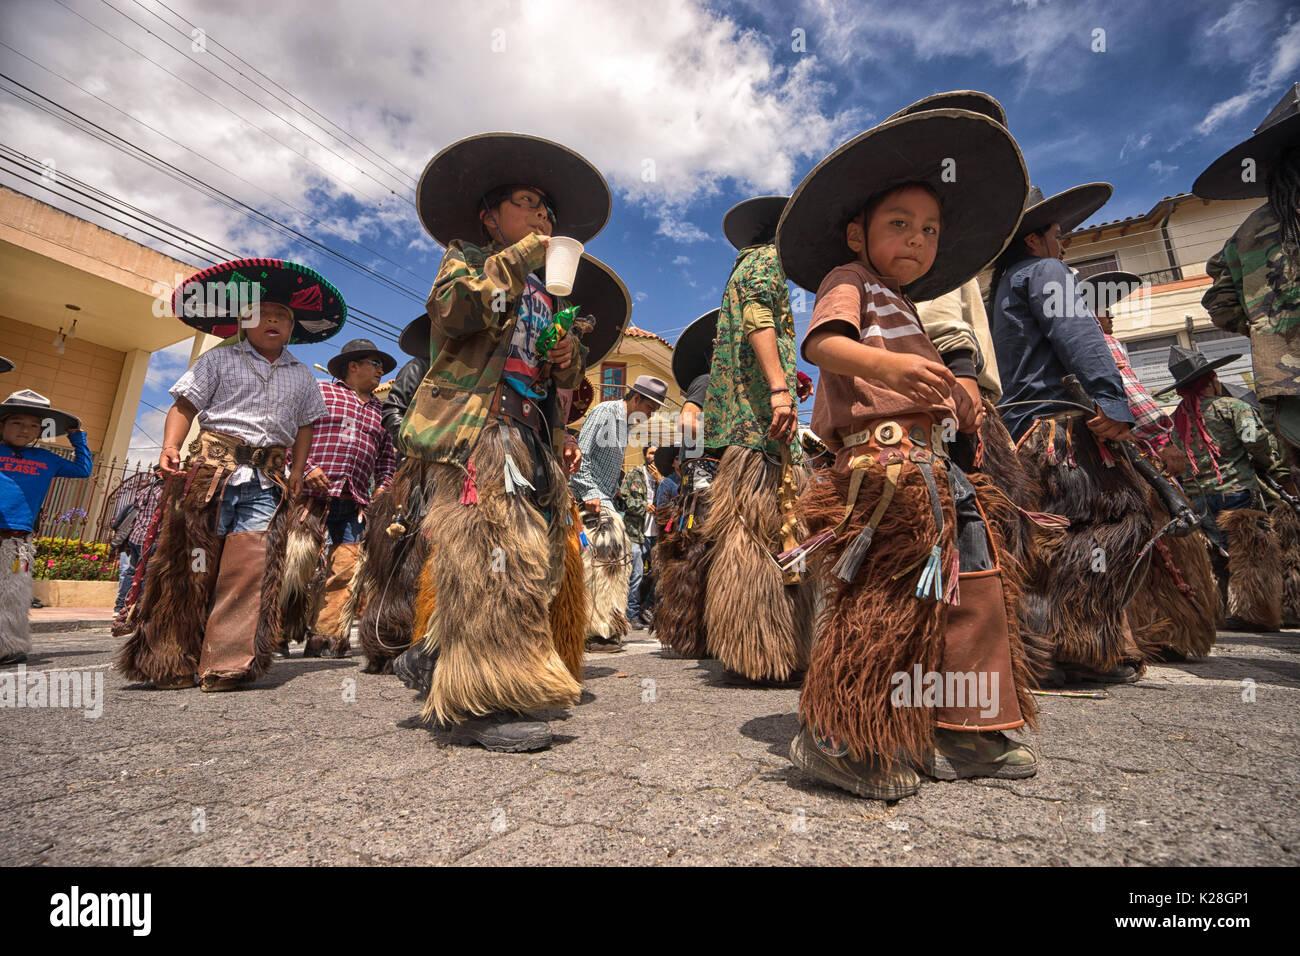 25 juin, 2017 Cherche: tous les âges sont représentés à l'Inti Raymi parade dans la ville indigène kichwa Photo Stock